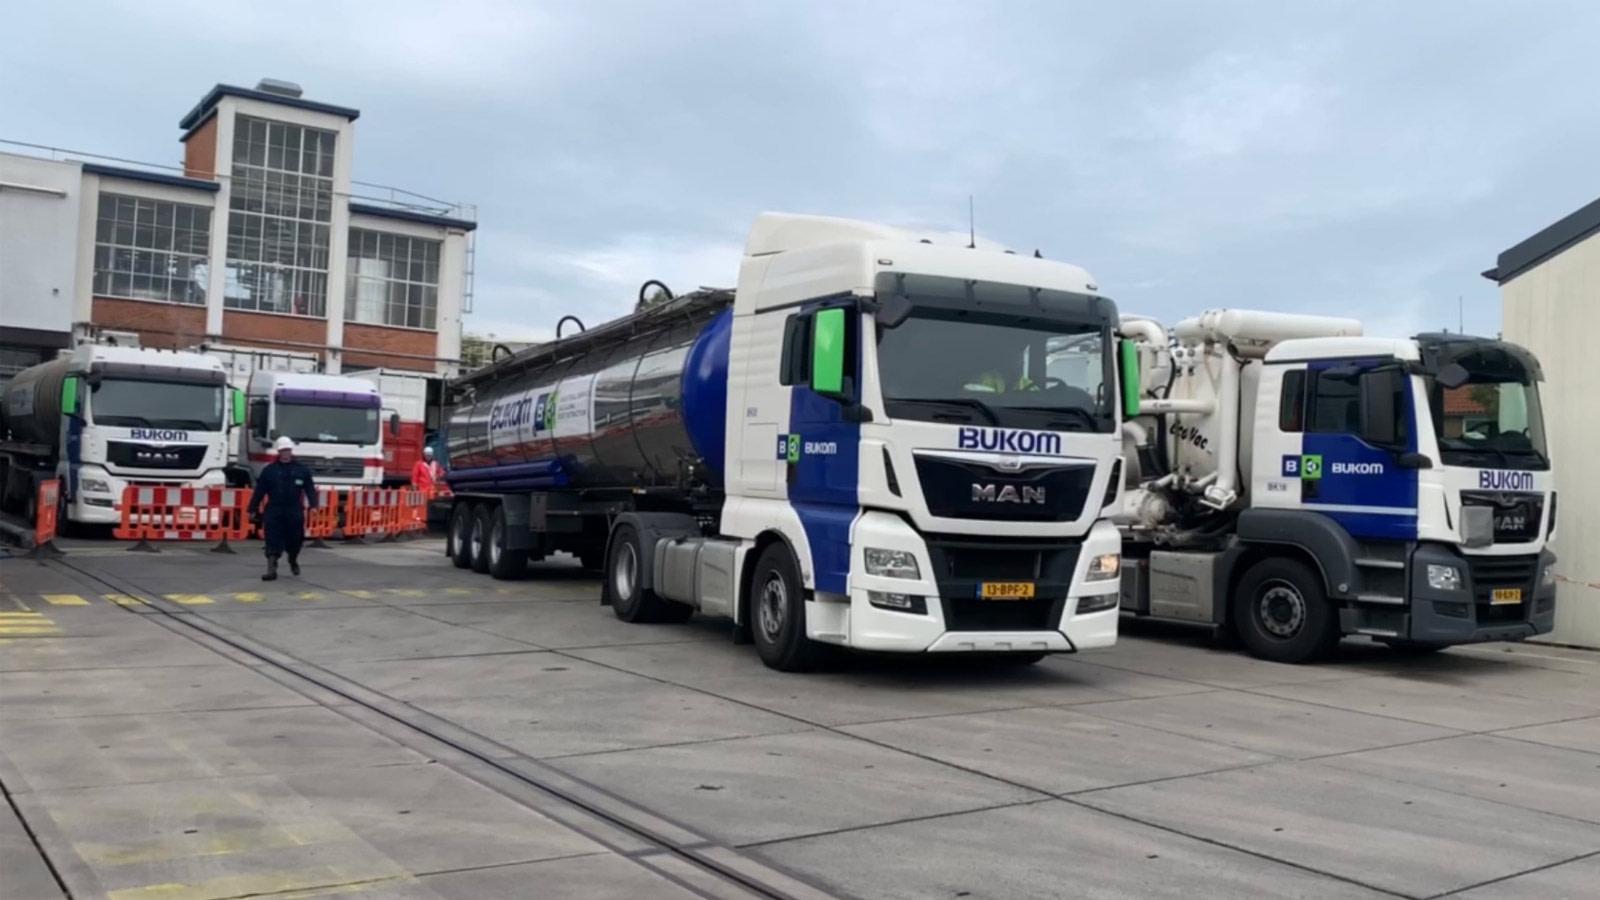 Bukom vrachtwagen en vacuümwagen op klus